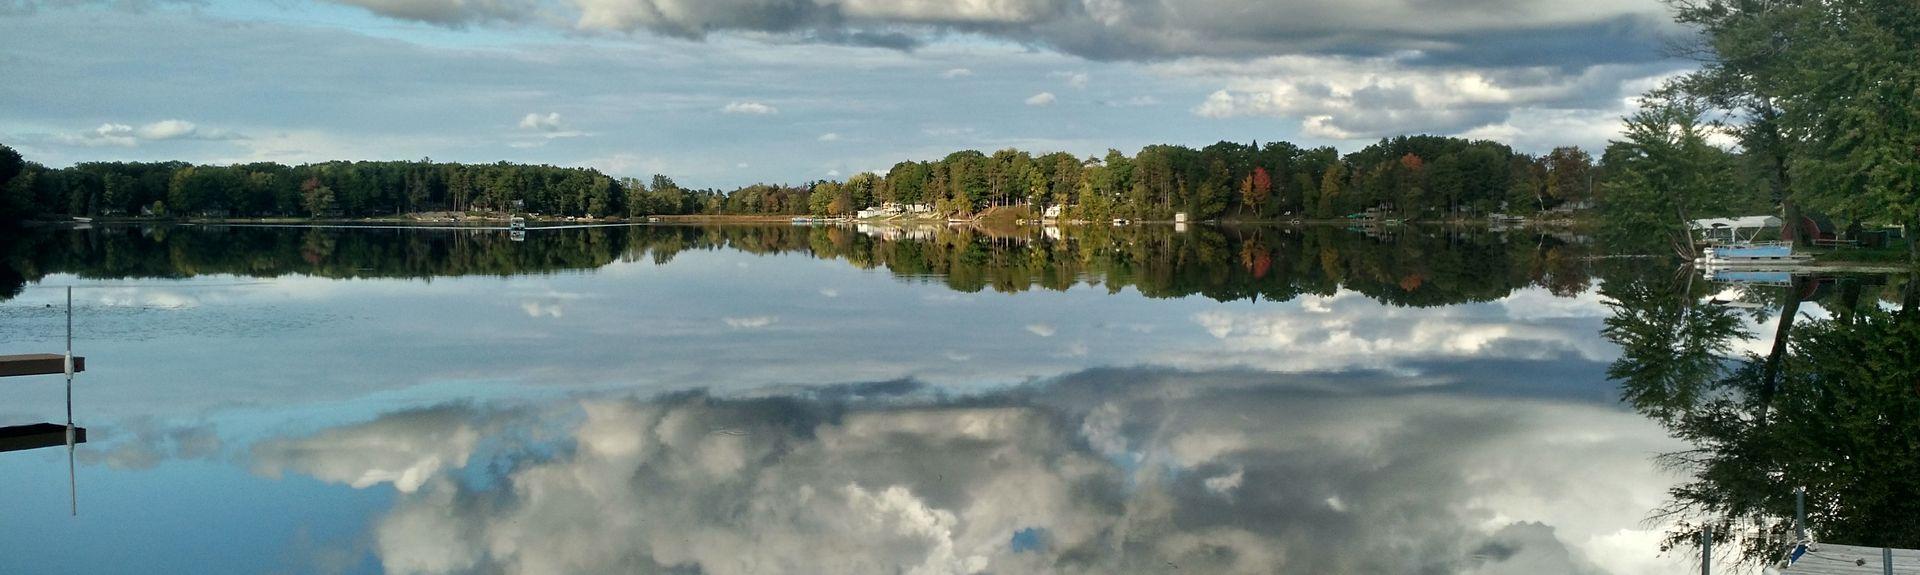 Lake Lancer, Butman, MI, USA